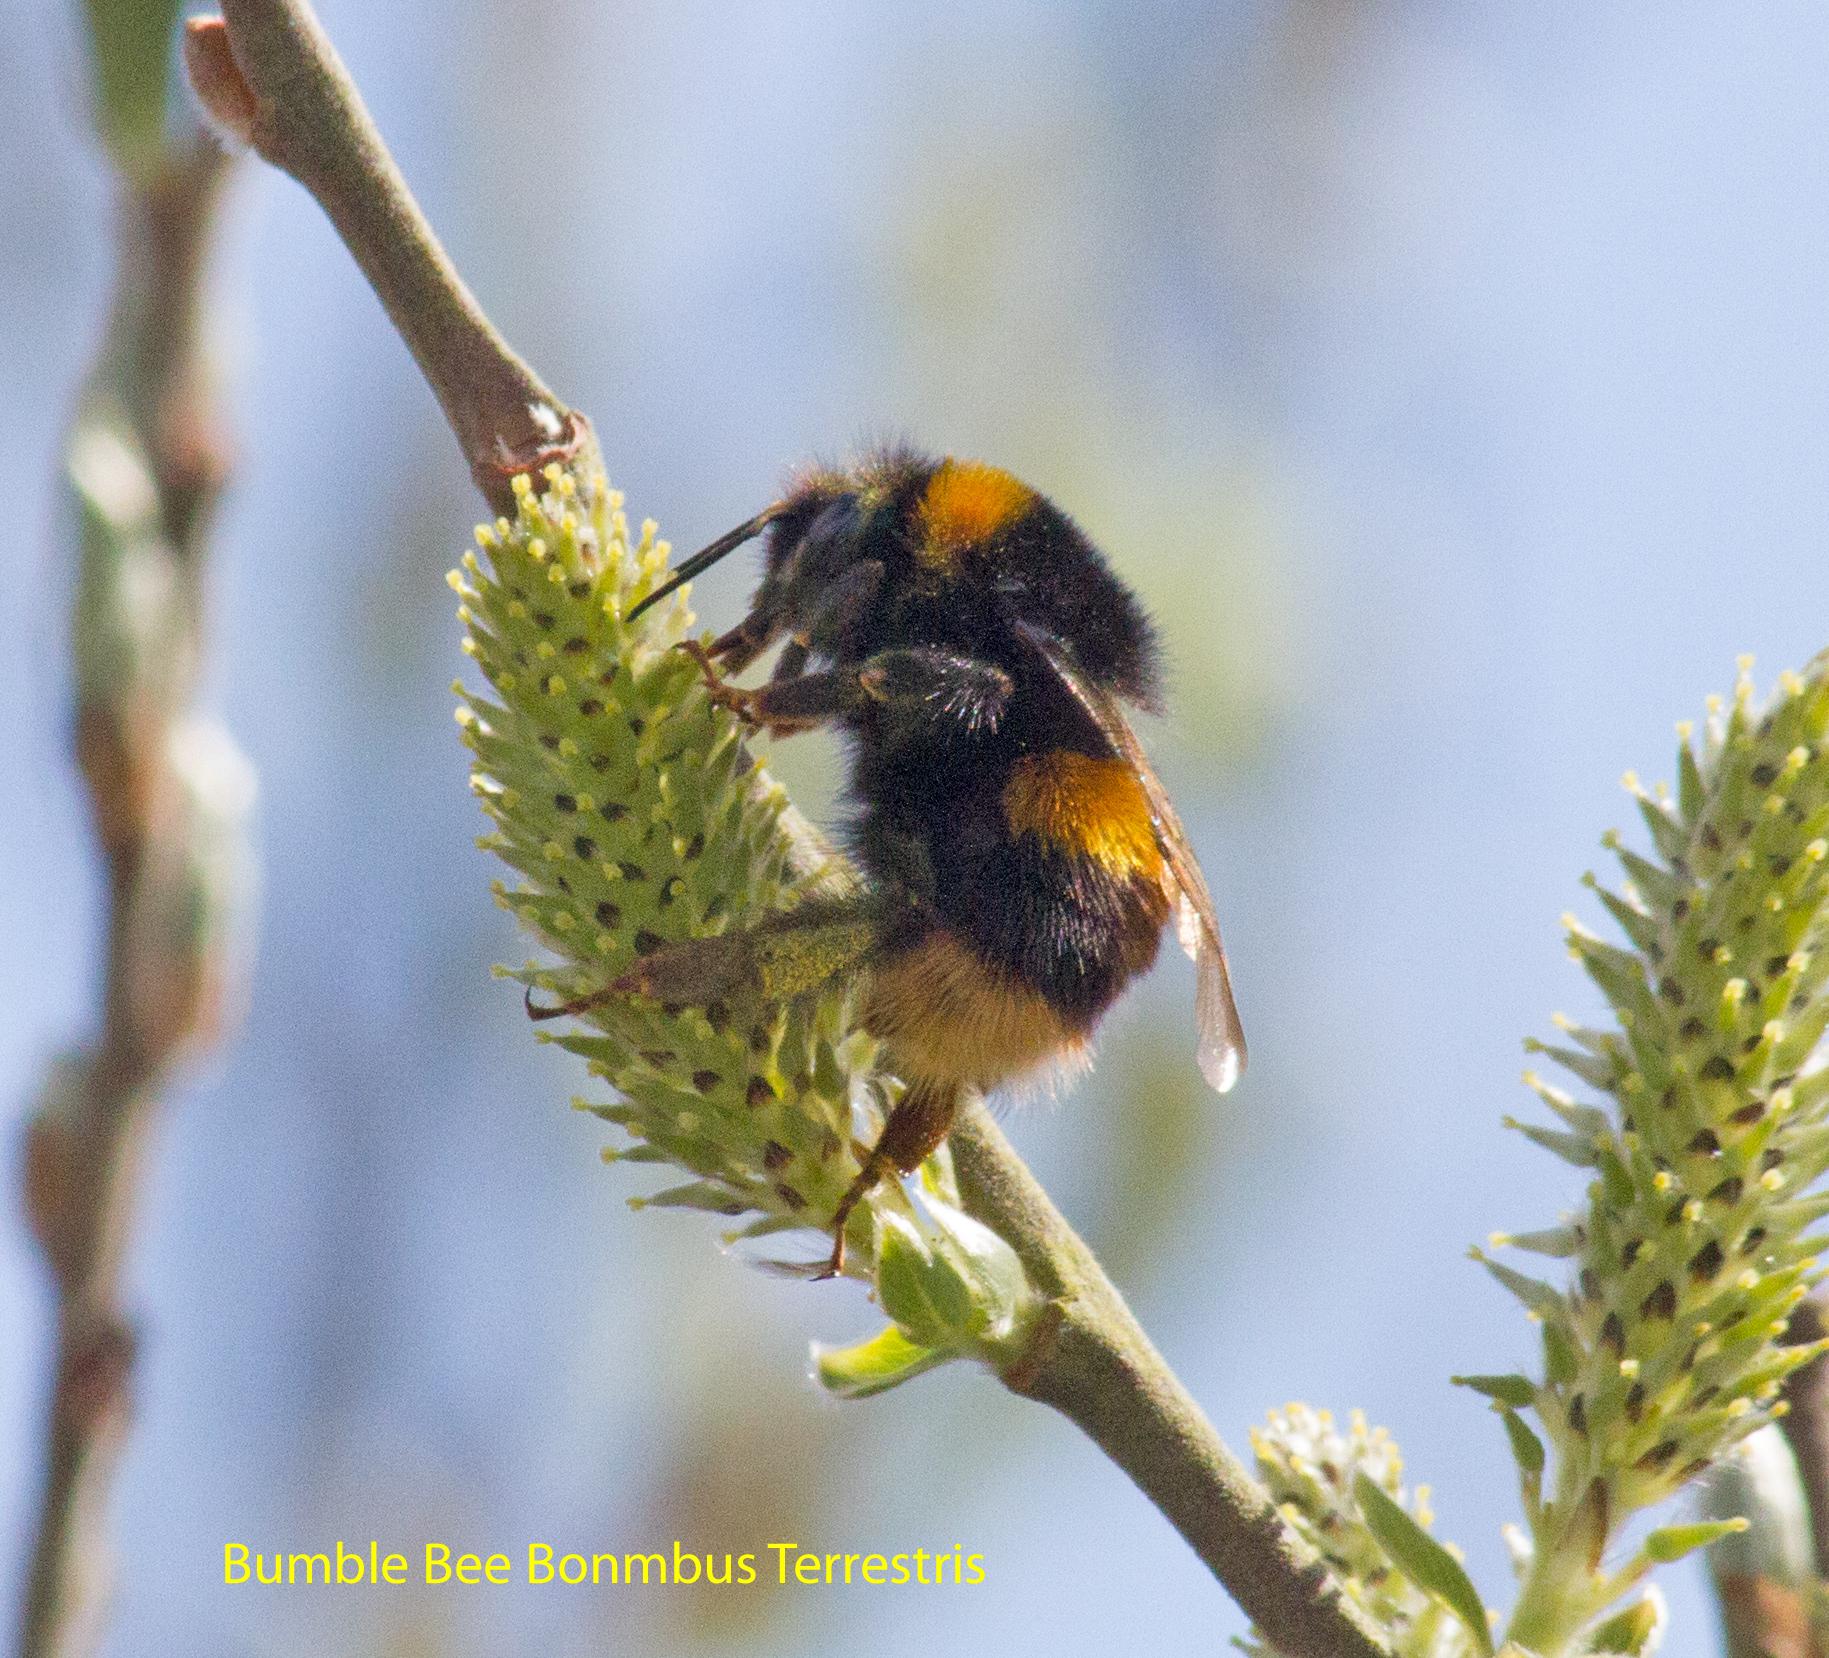 008bumble-bee-bonmbus-terrestris-1-1_edited-1-51babc7d8a8428e0d05294a280ca754eed0ddd34